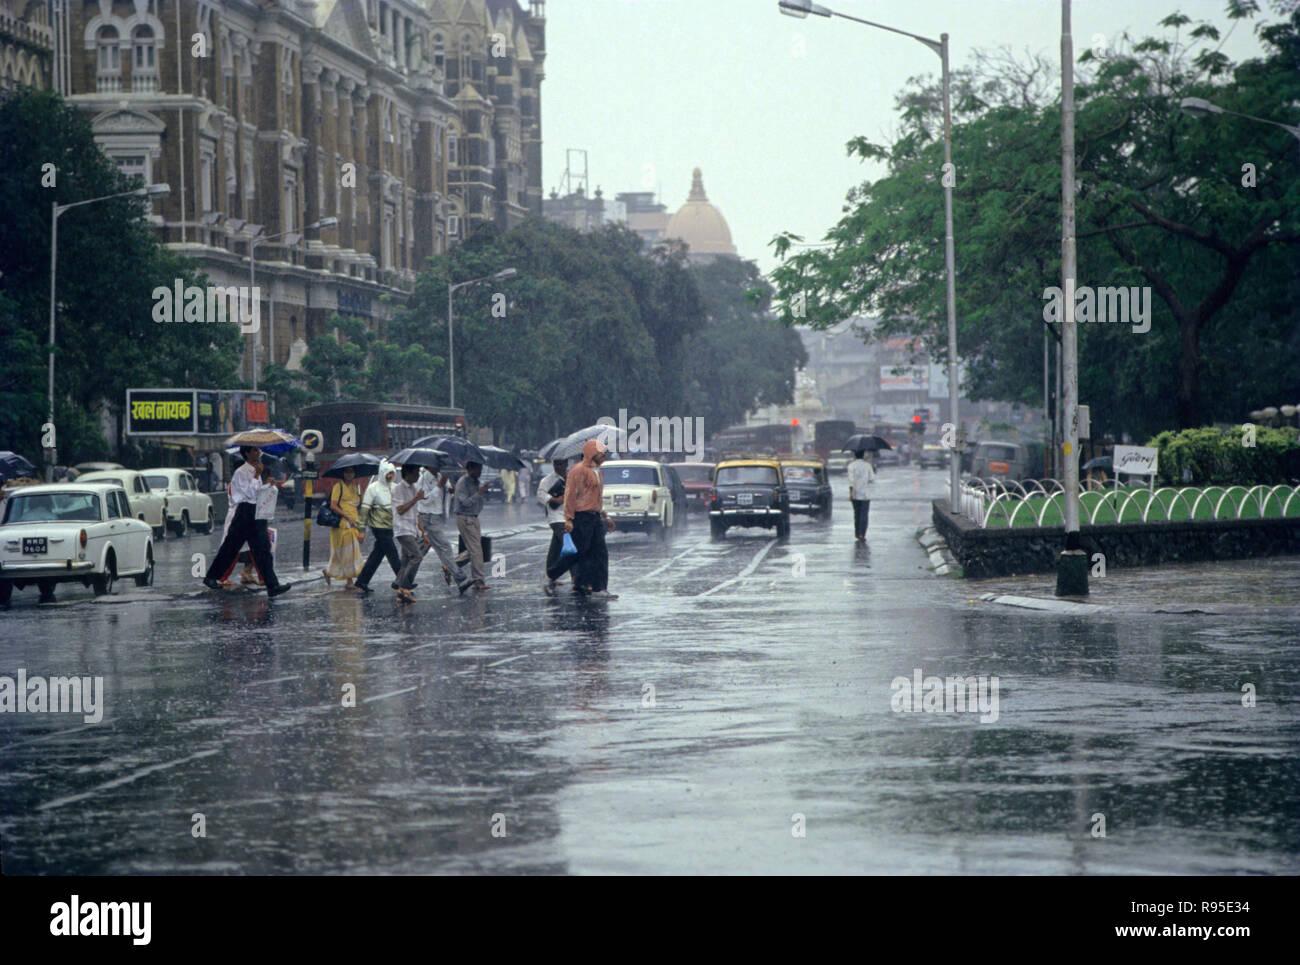 Heavy Rains, Monsoon, bombay mumbai, maharashtra, india - Stock Image